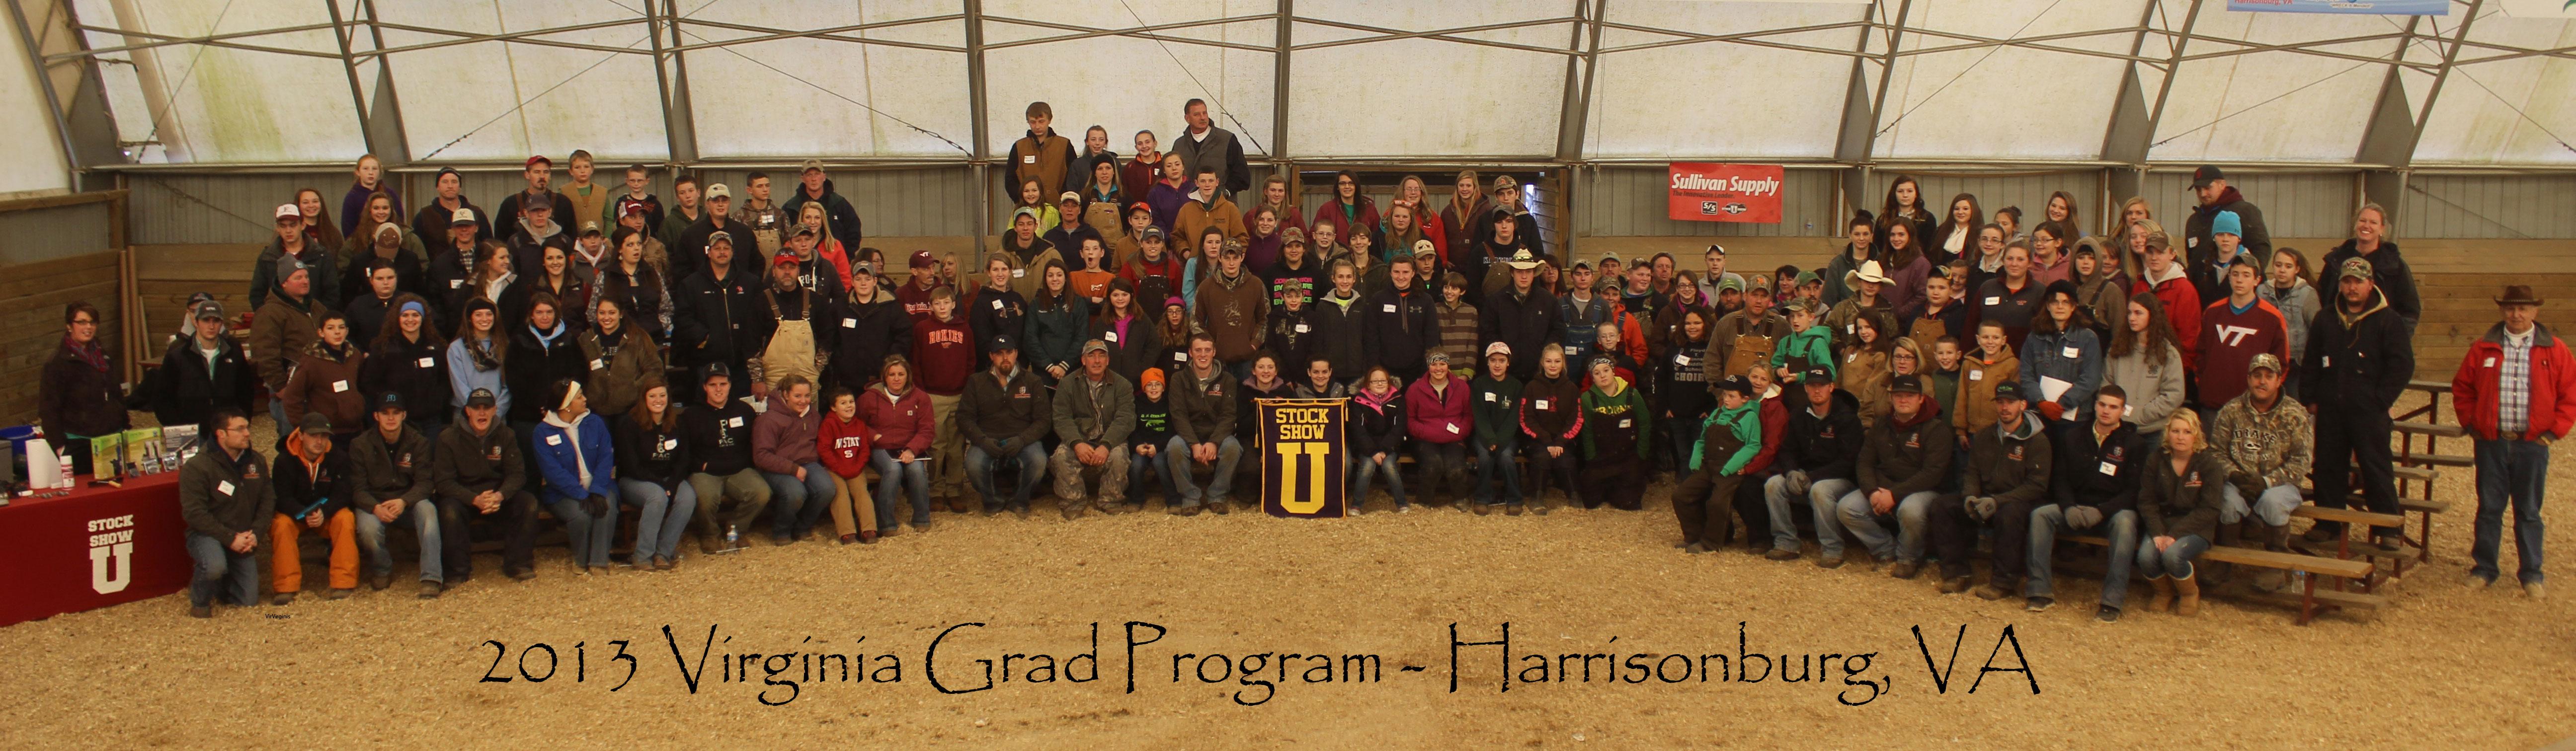 SSU-Grad-Program---VA